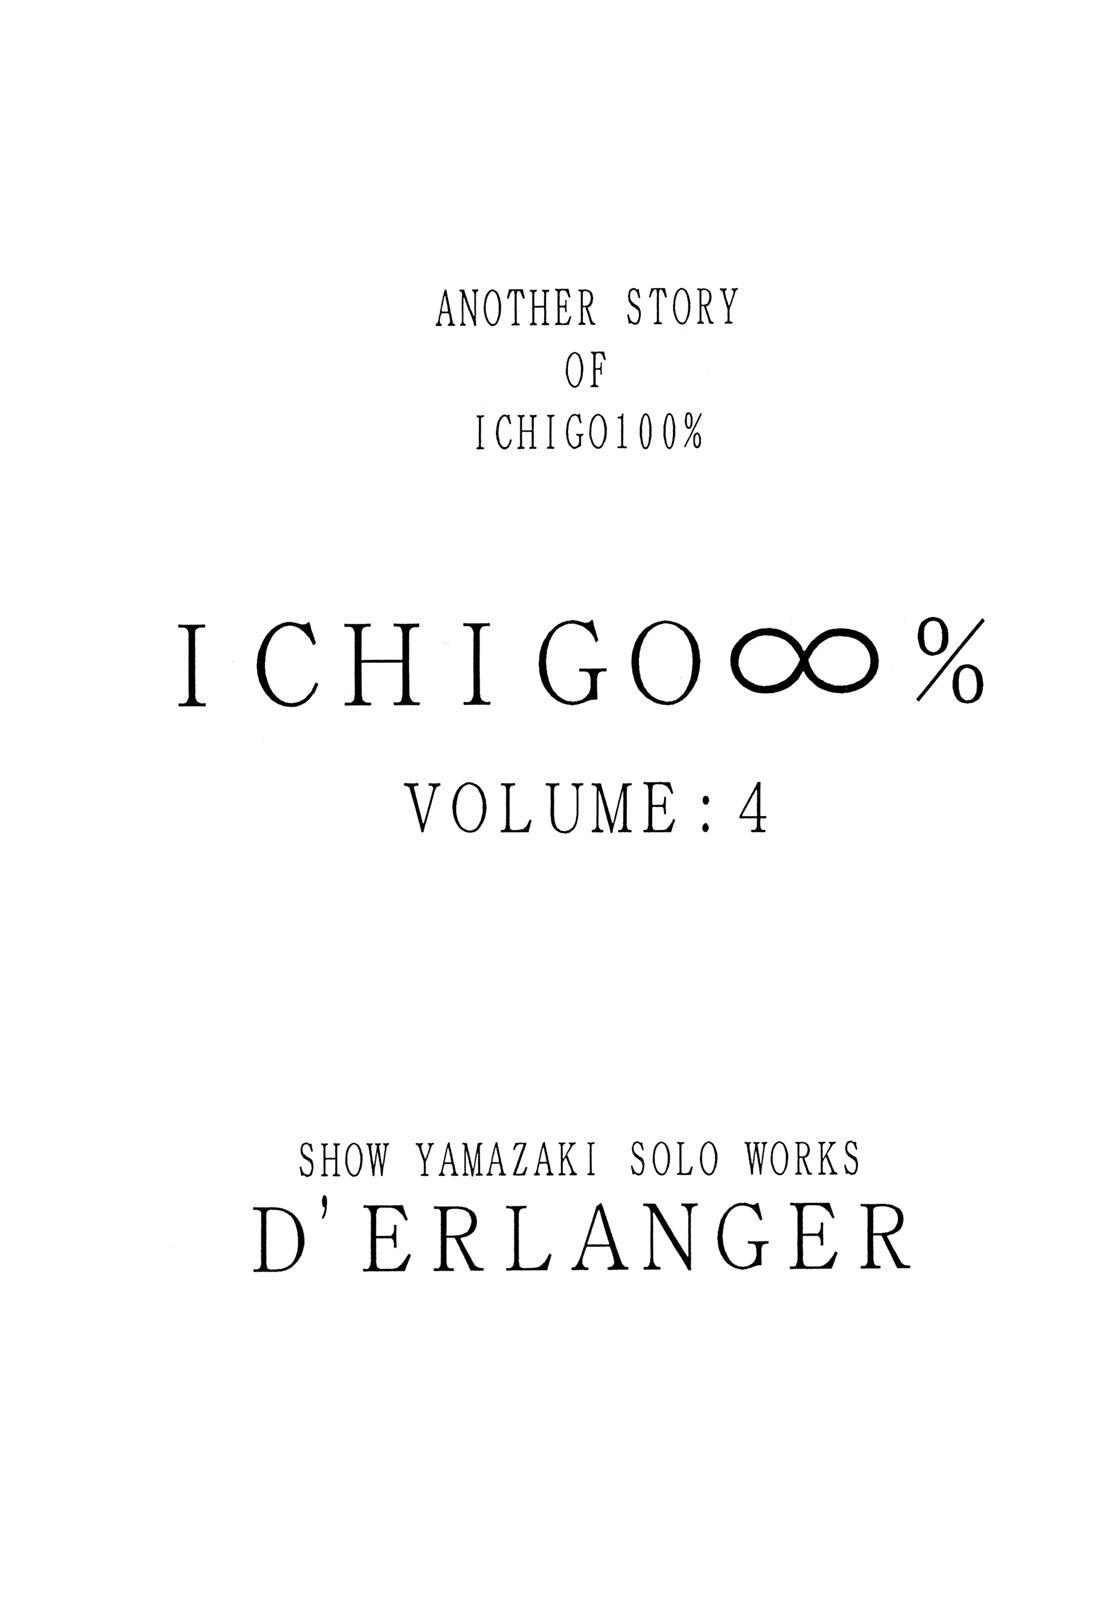 Ichigo ∞% VOL4 - Step by Step 1